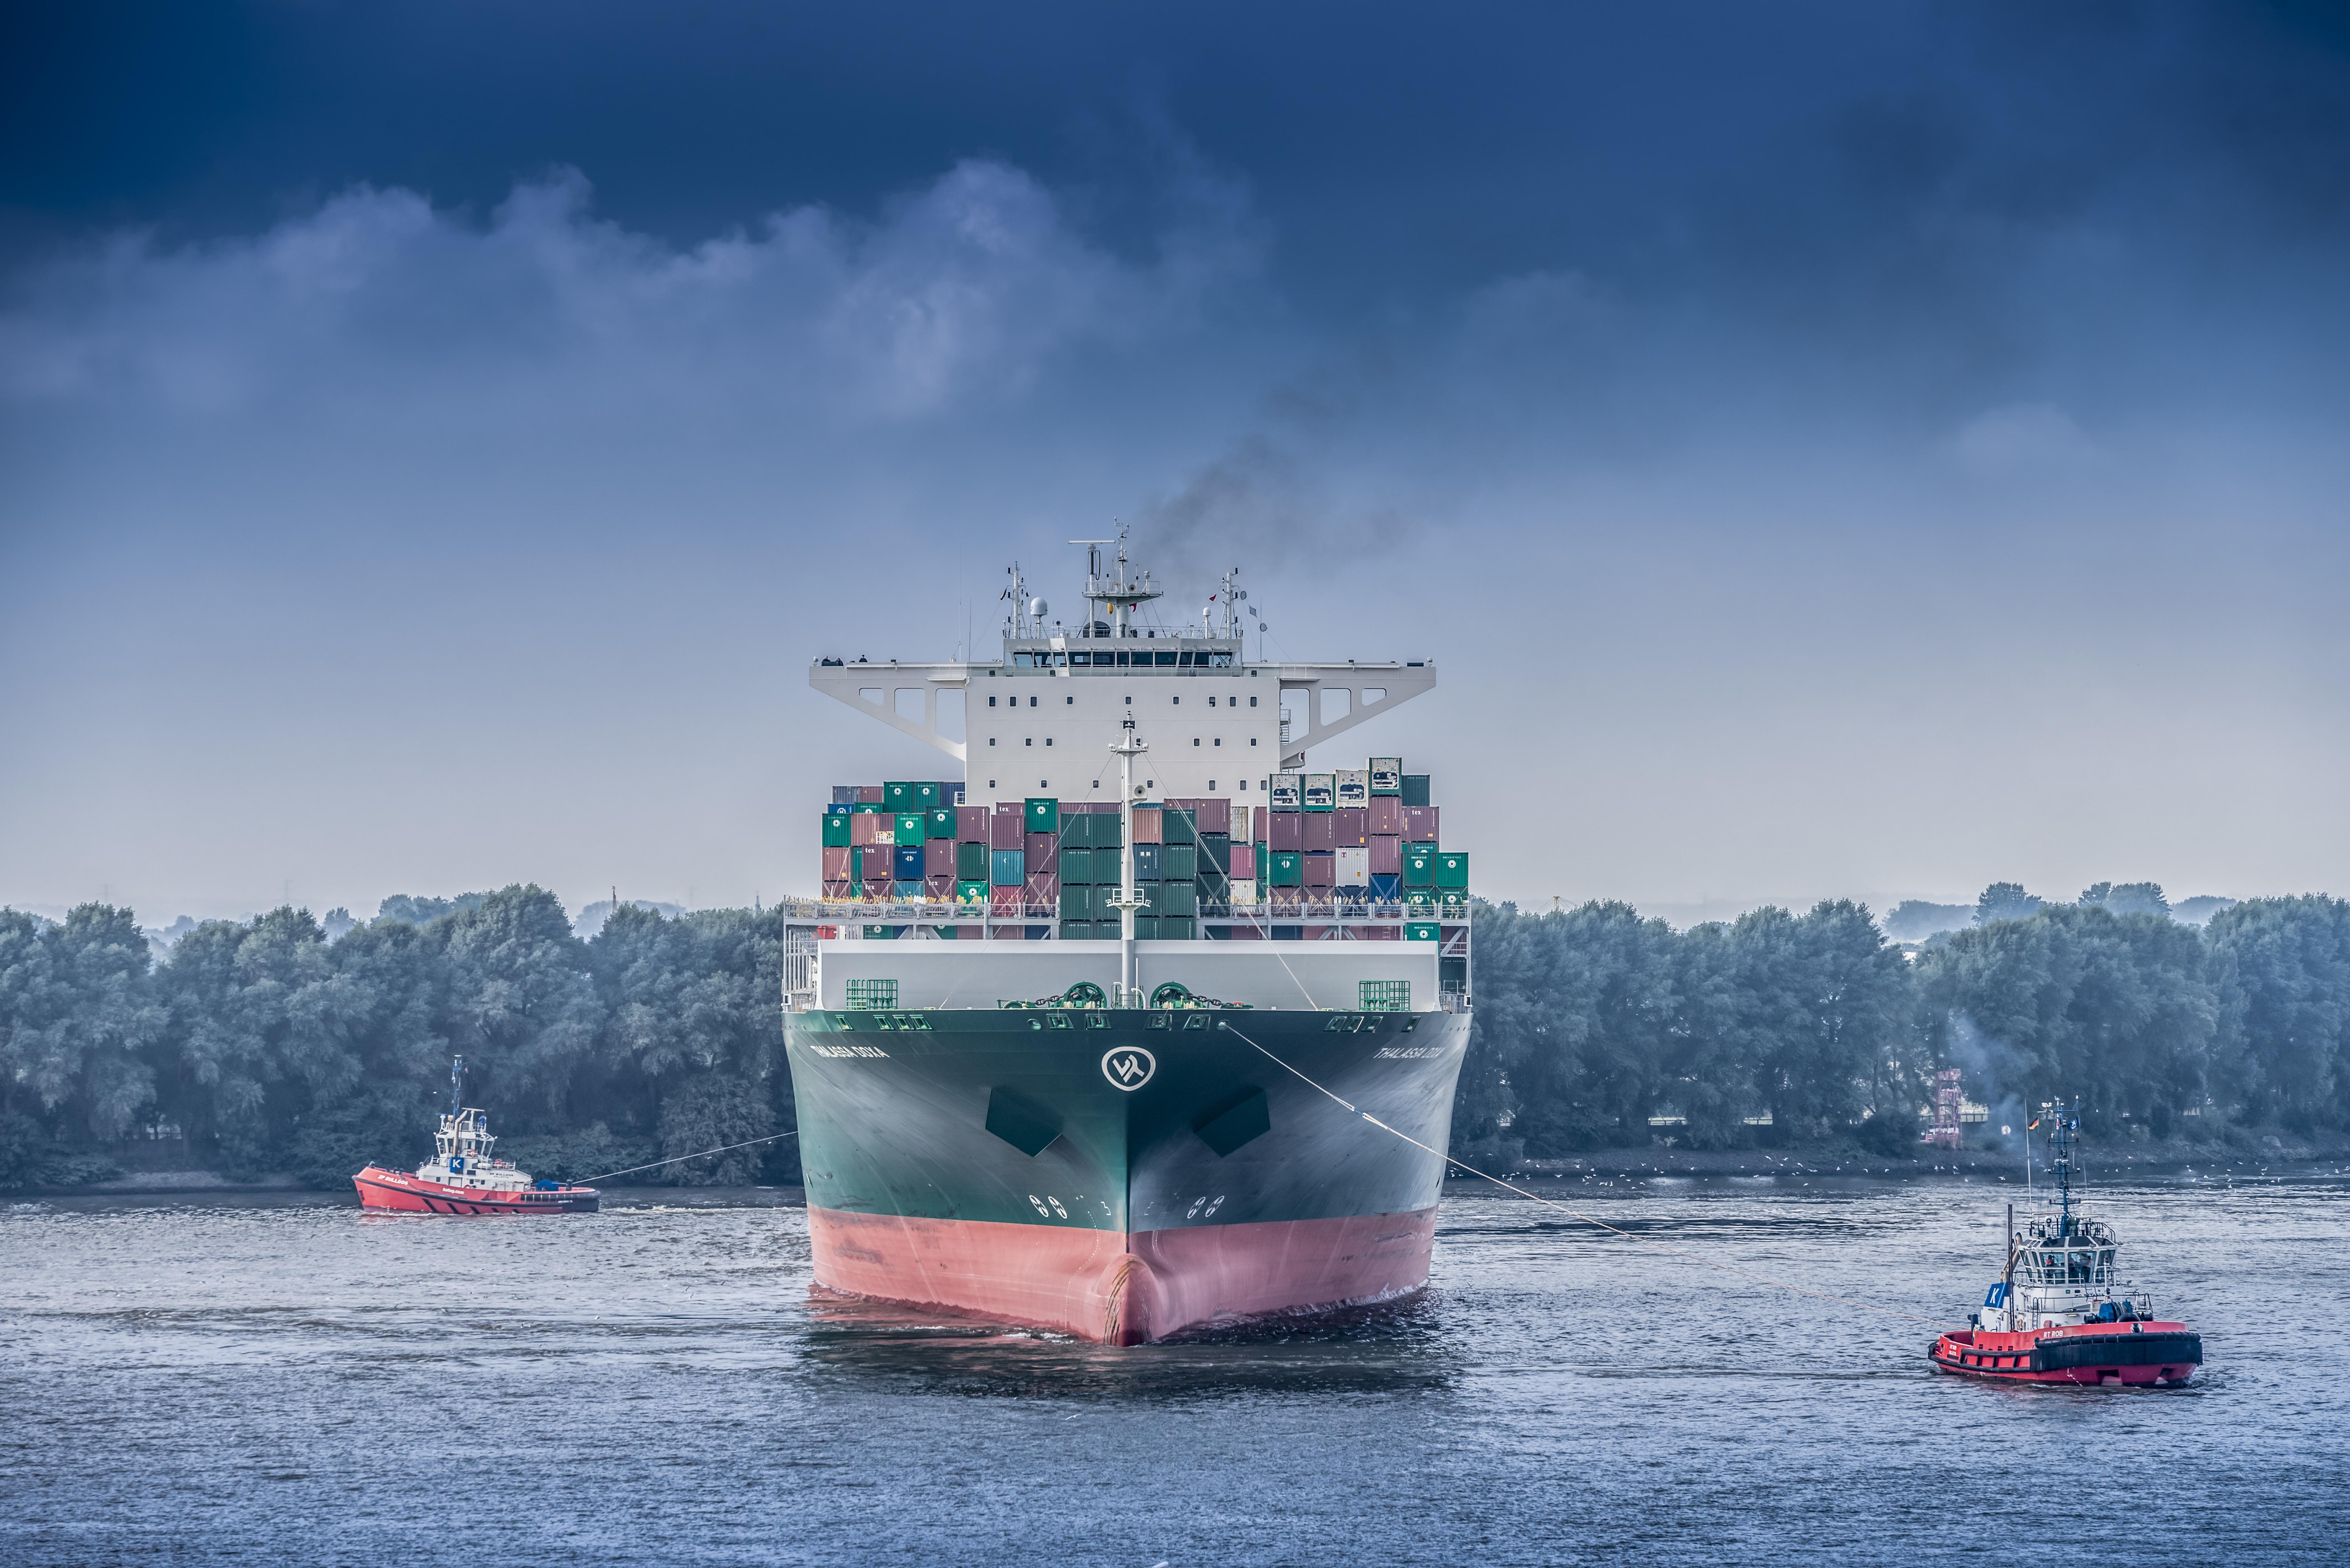 Sikerült olyan megoldást találni a hajók okozta légszennyezésre, amivel cserébe az óceánokat szennyezik